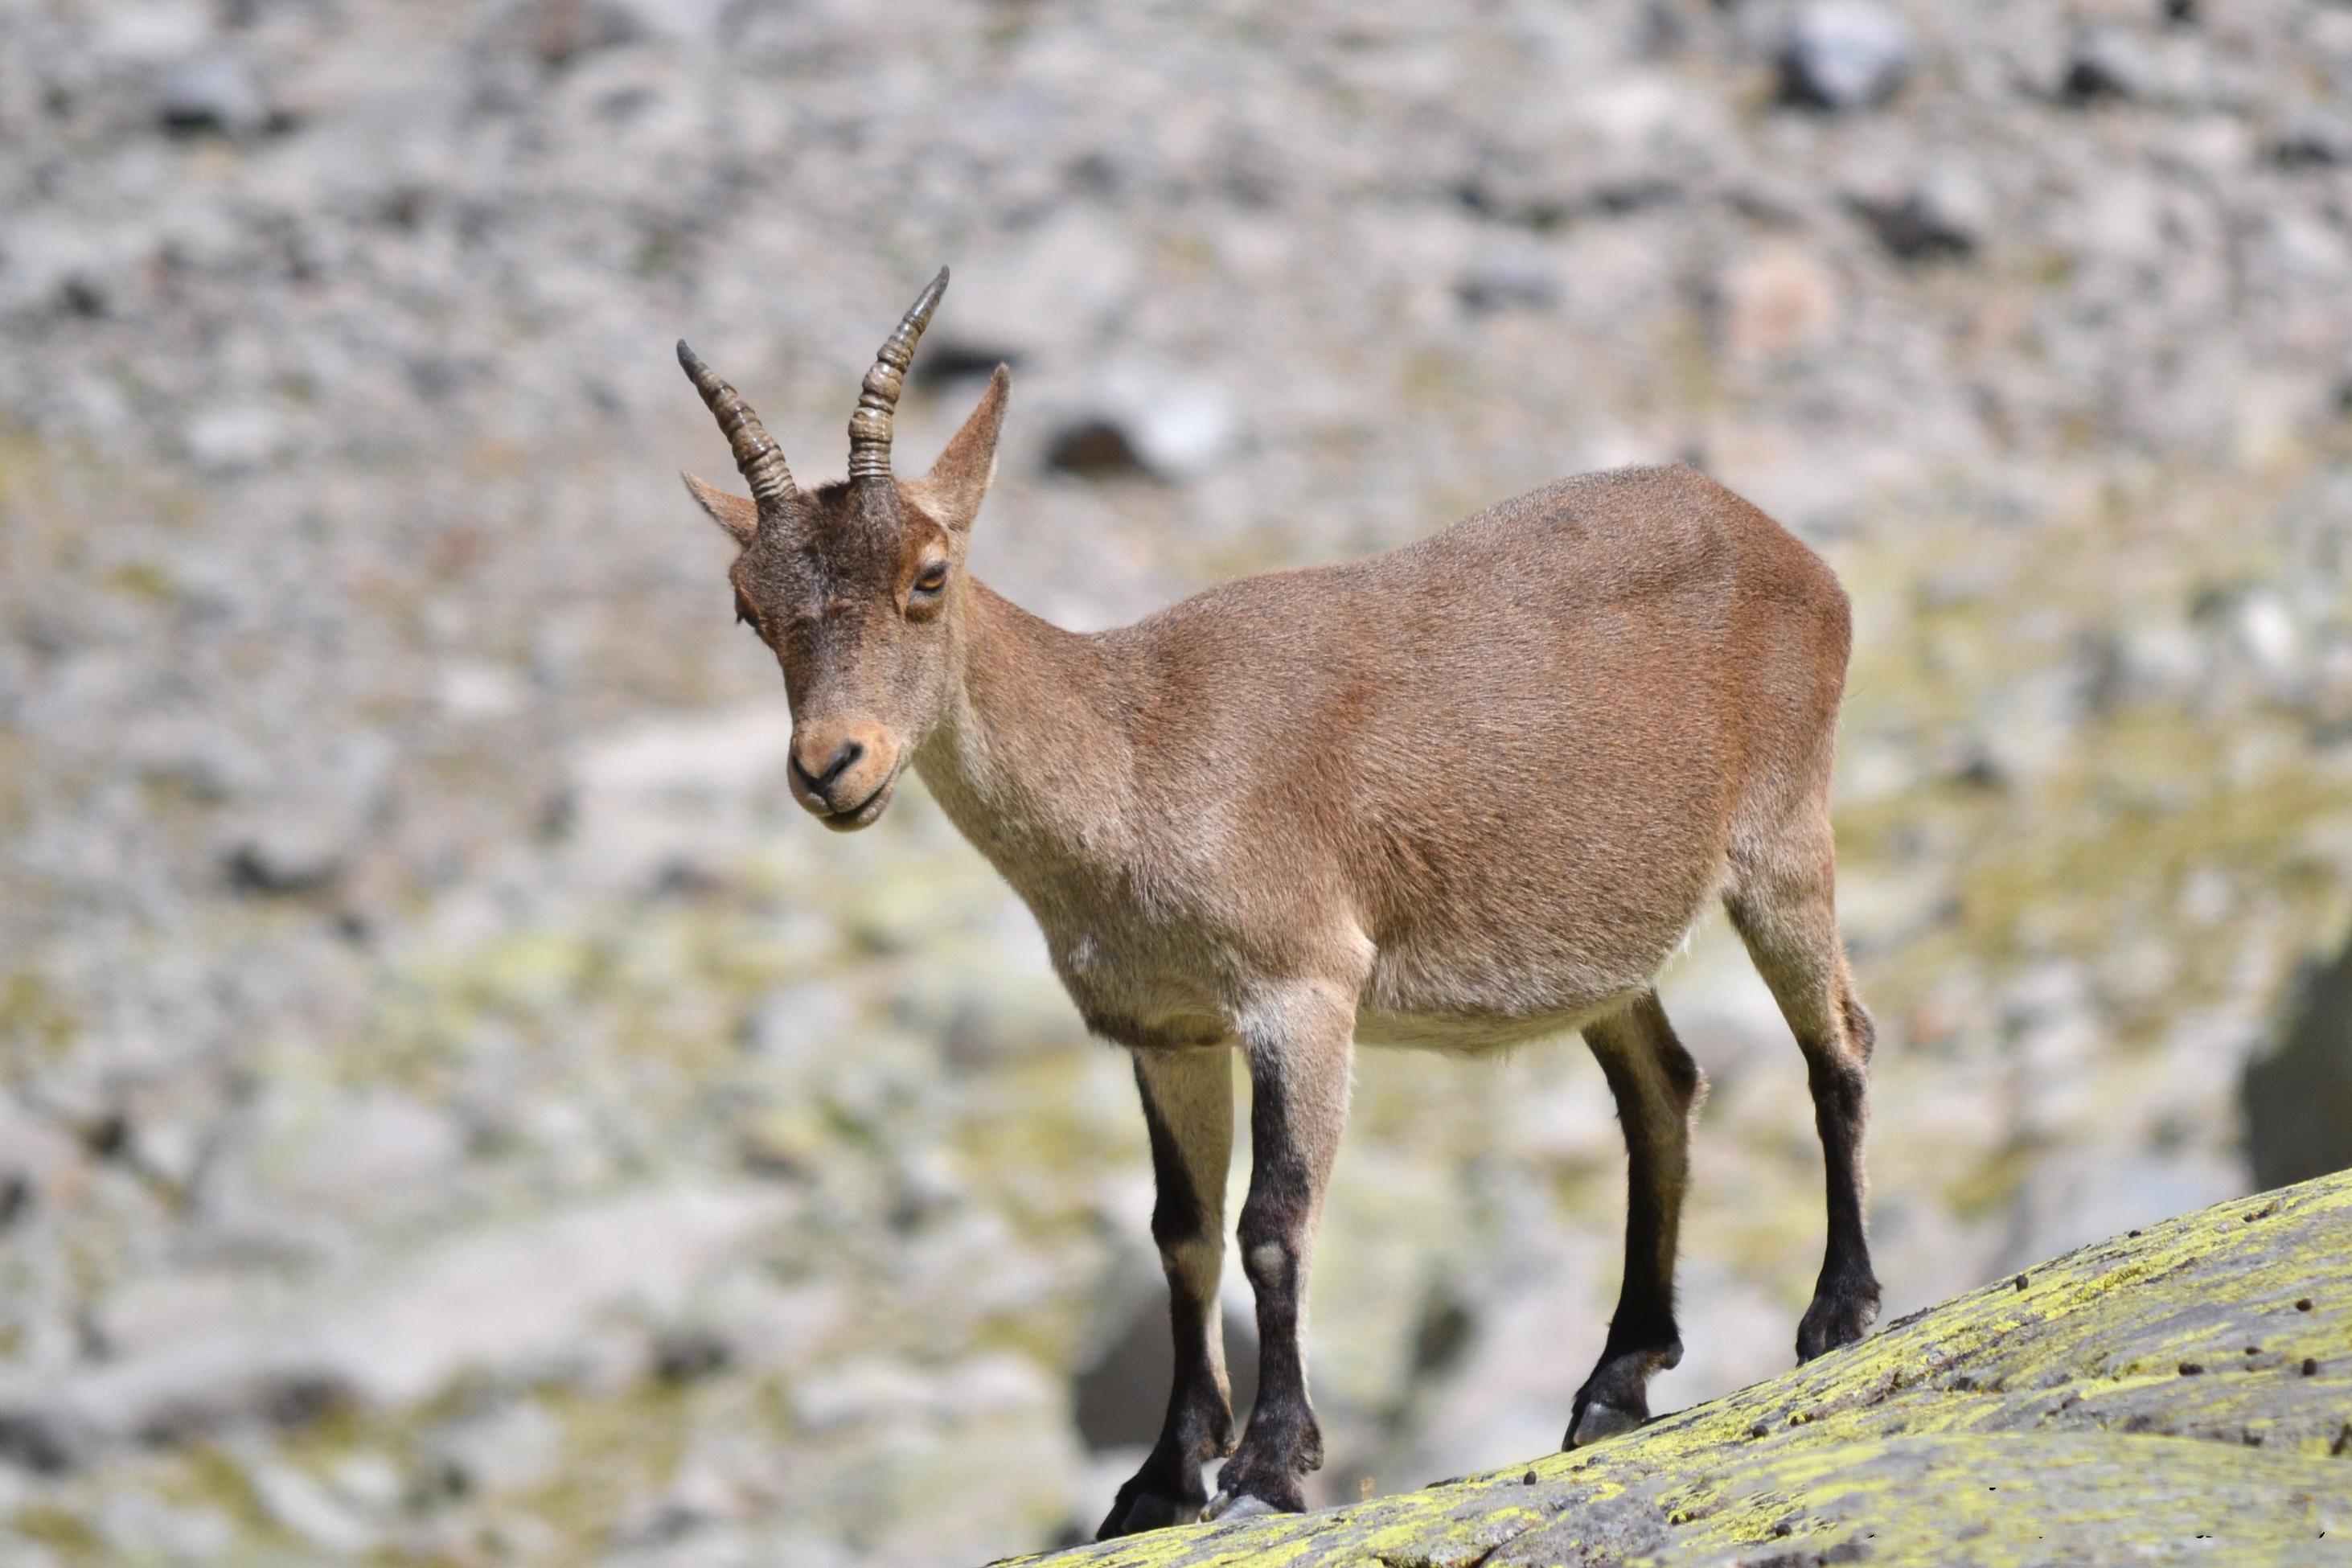 rececho de hembra de cabra montes, cazar cabra montes, recechar cabra montes, cazar hembra macho montes